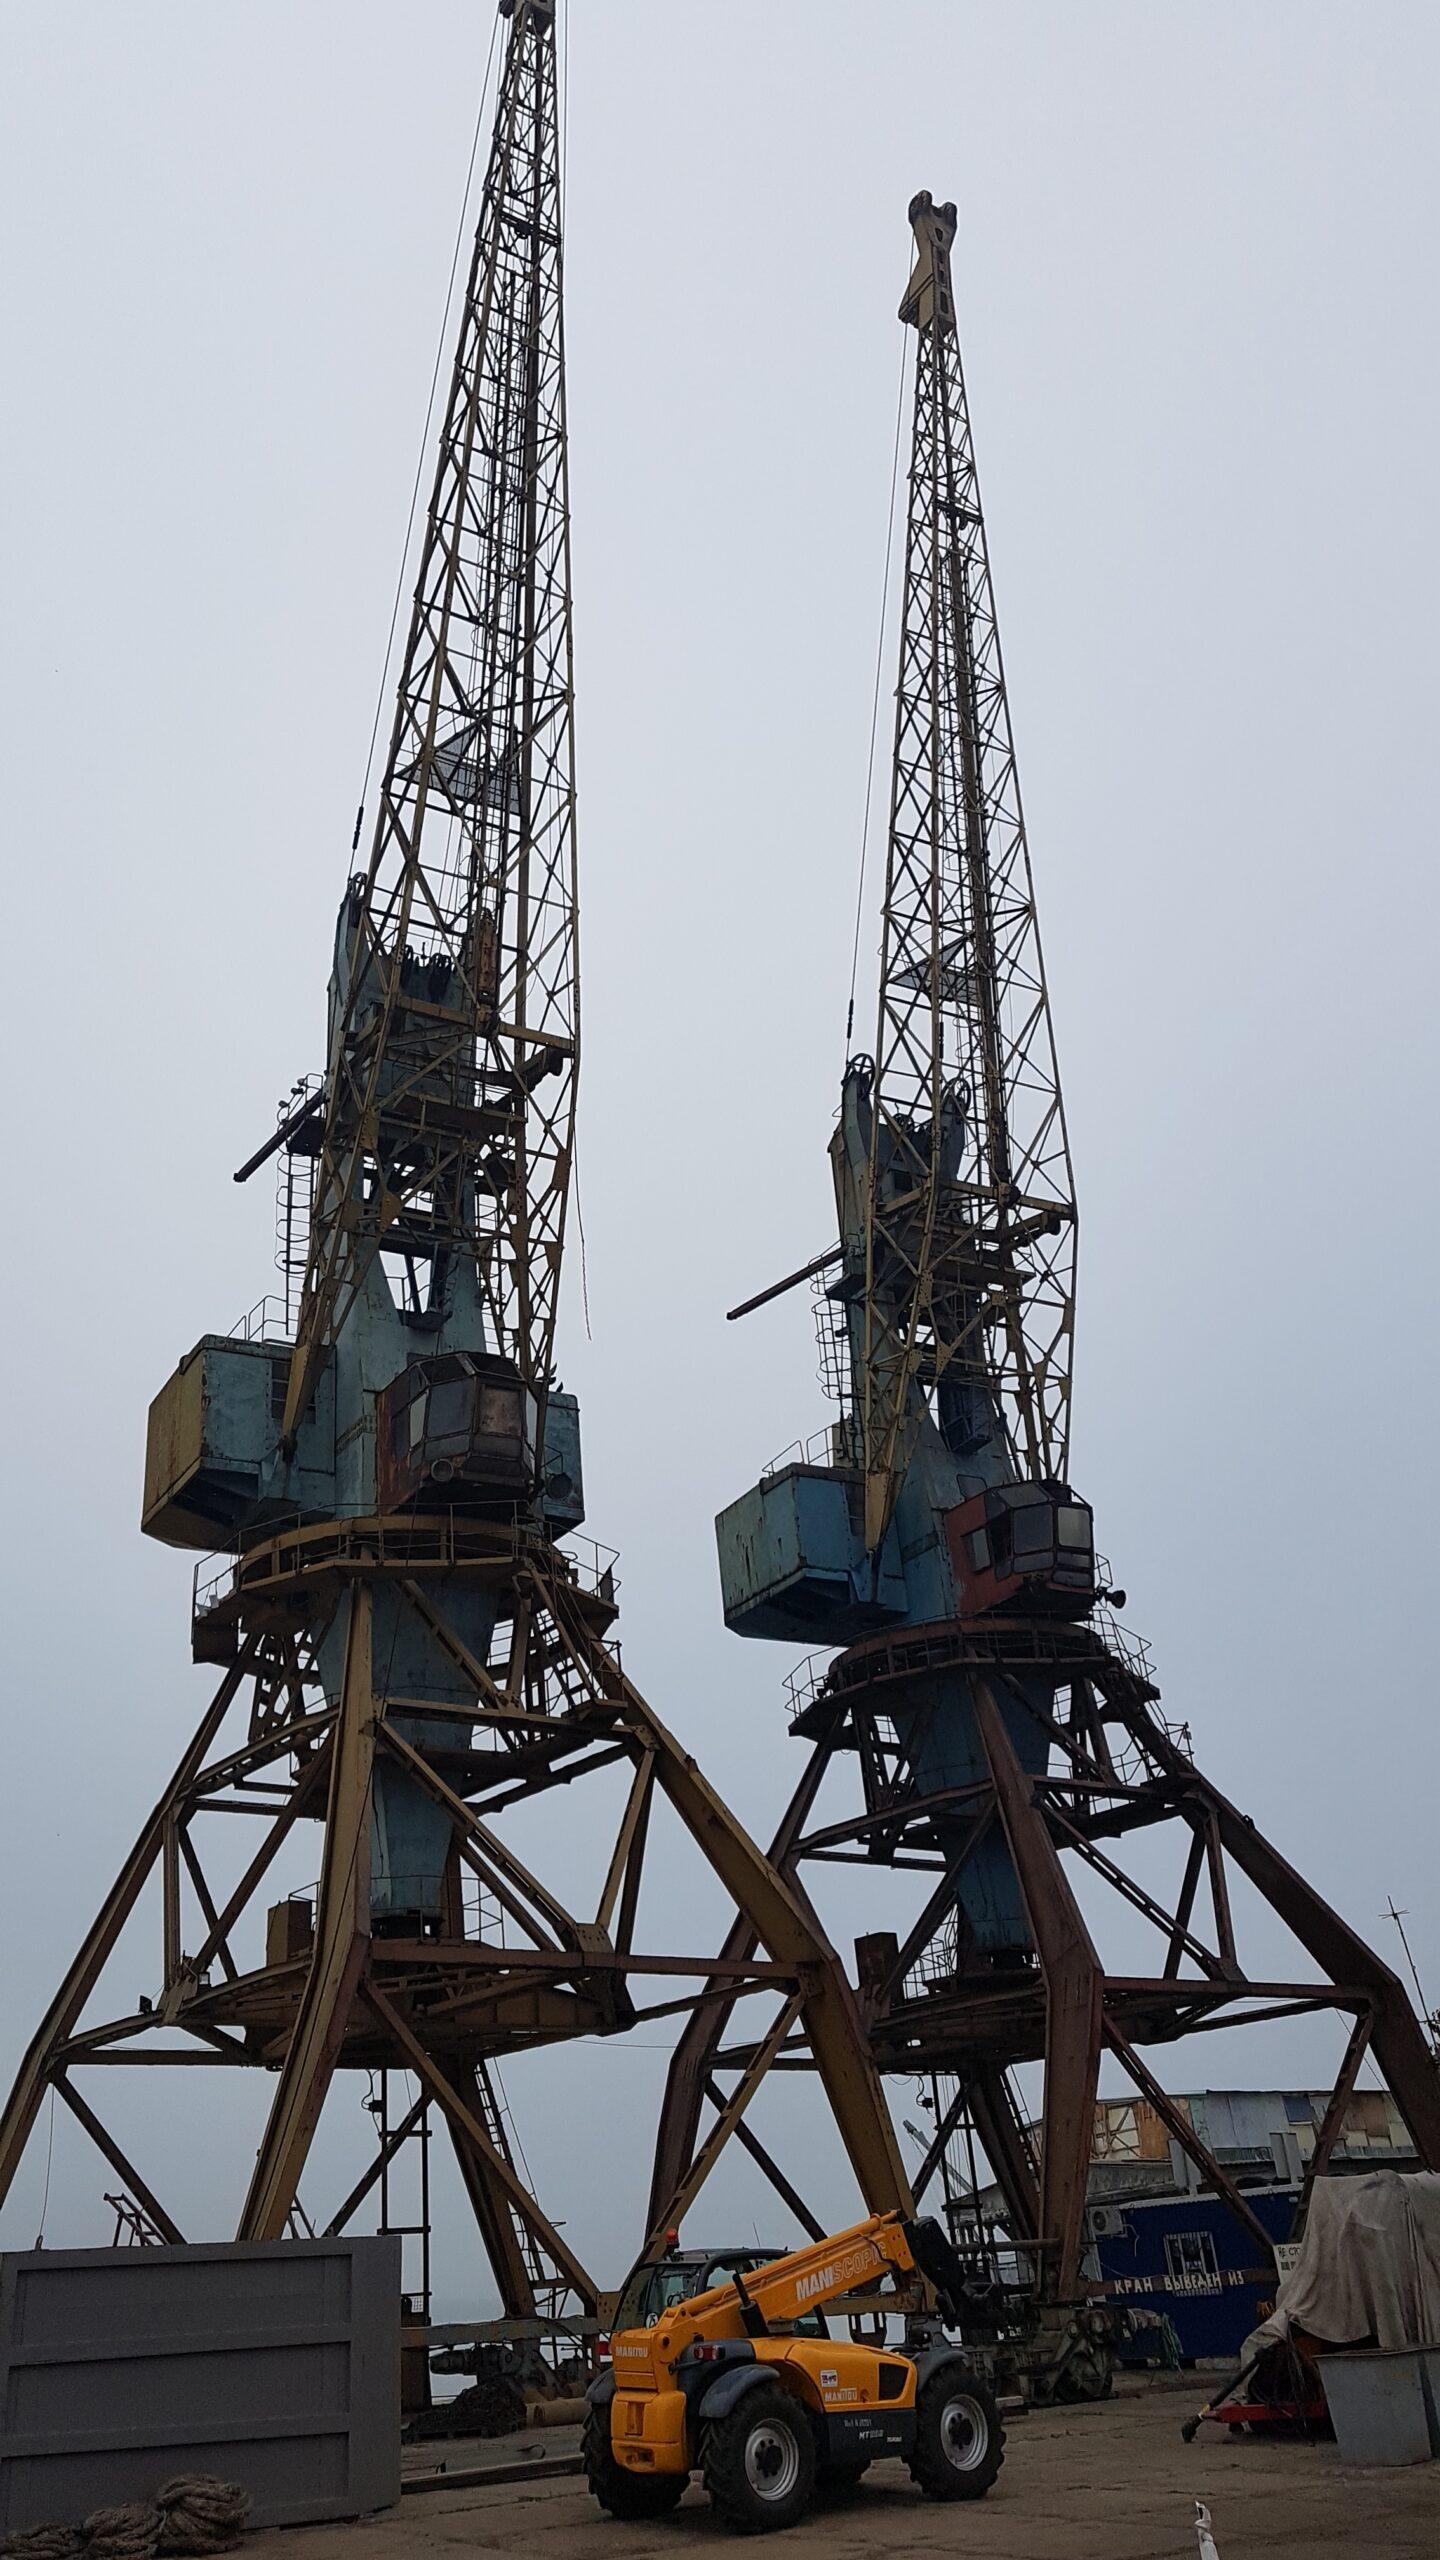 Готовящийся к приватизации Усть-Дунайский порт в Вилково продал с молотка 200 тонн металлолома